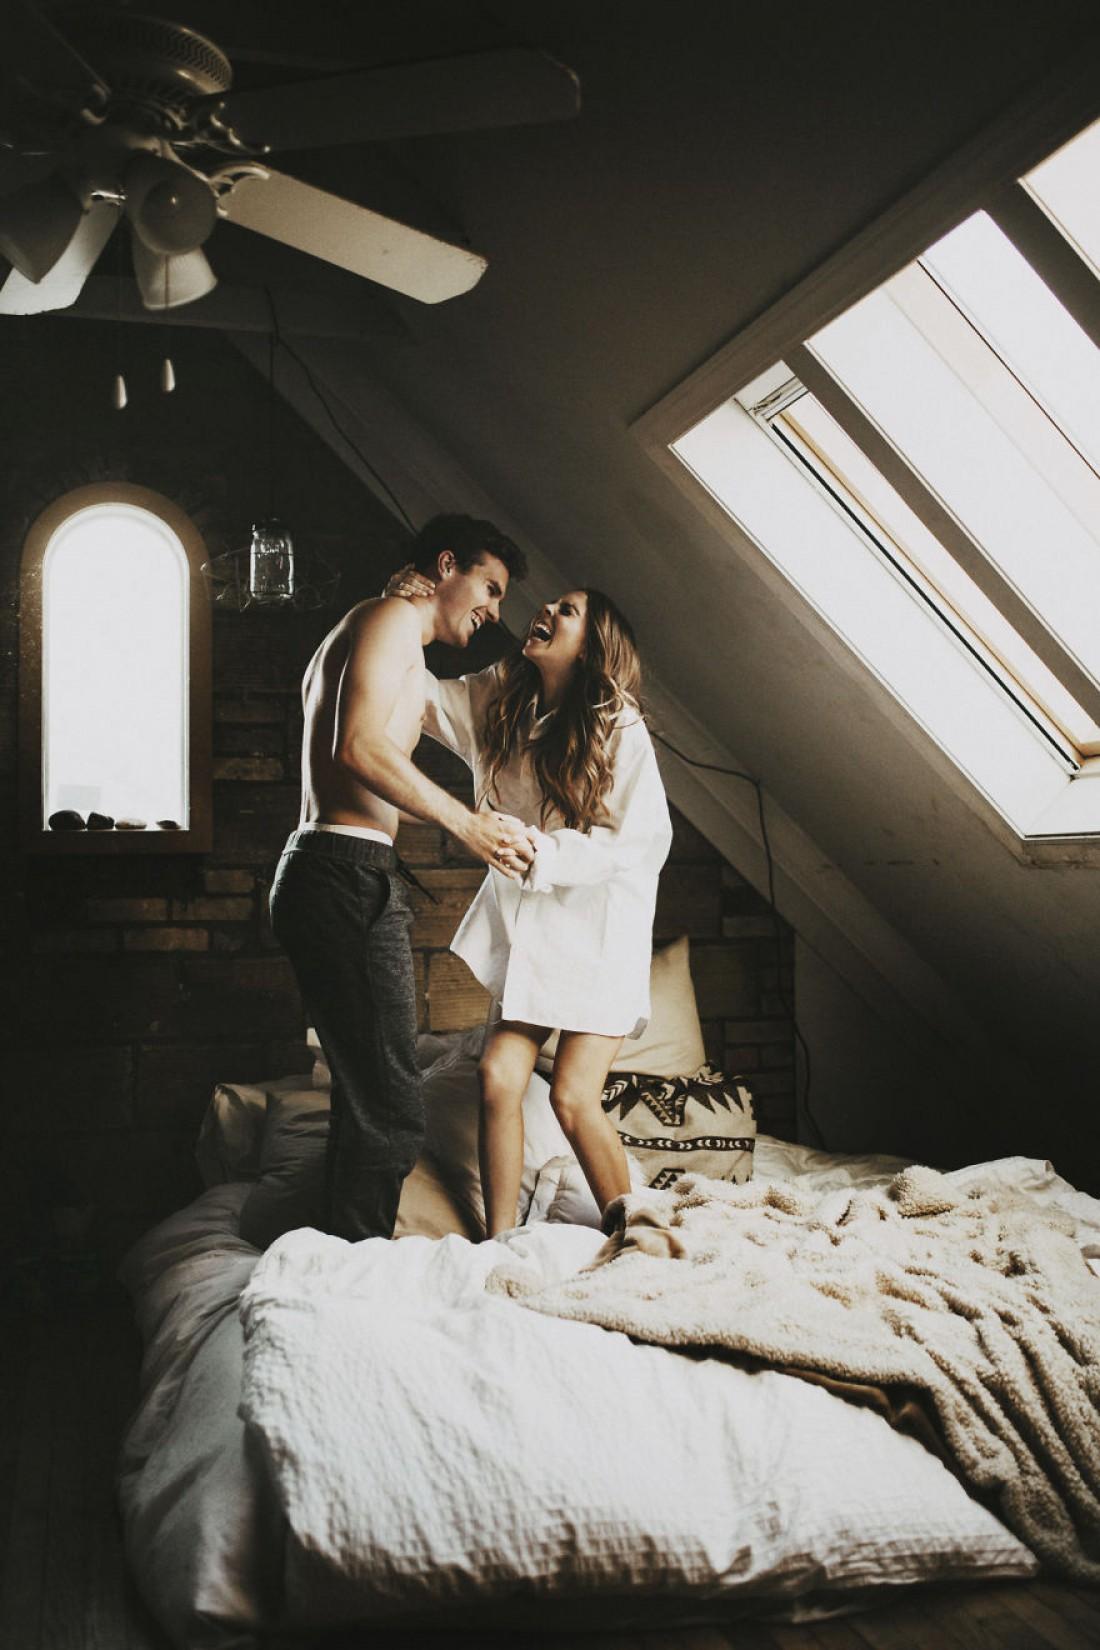 картинки пары любовь